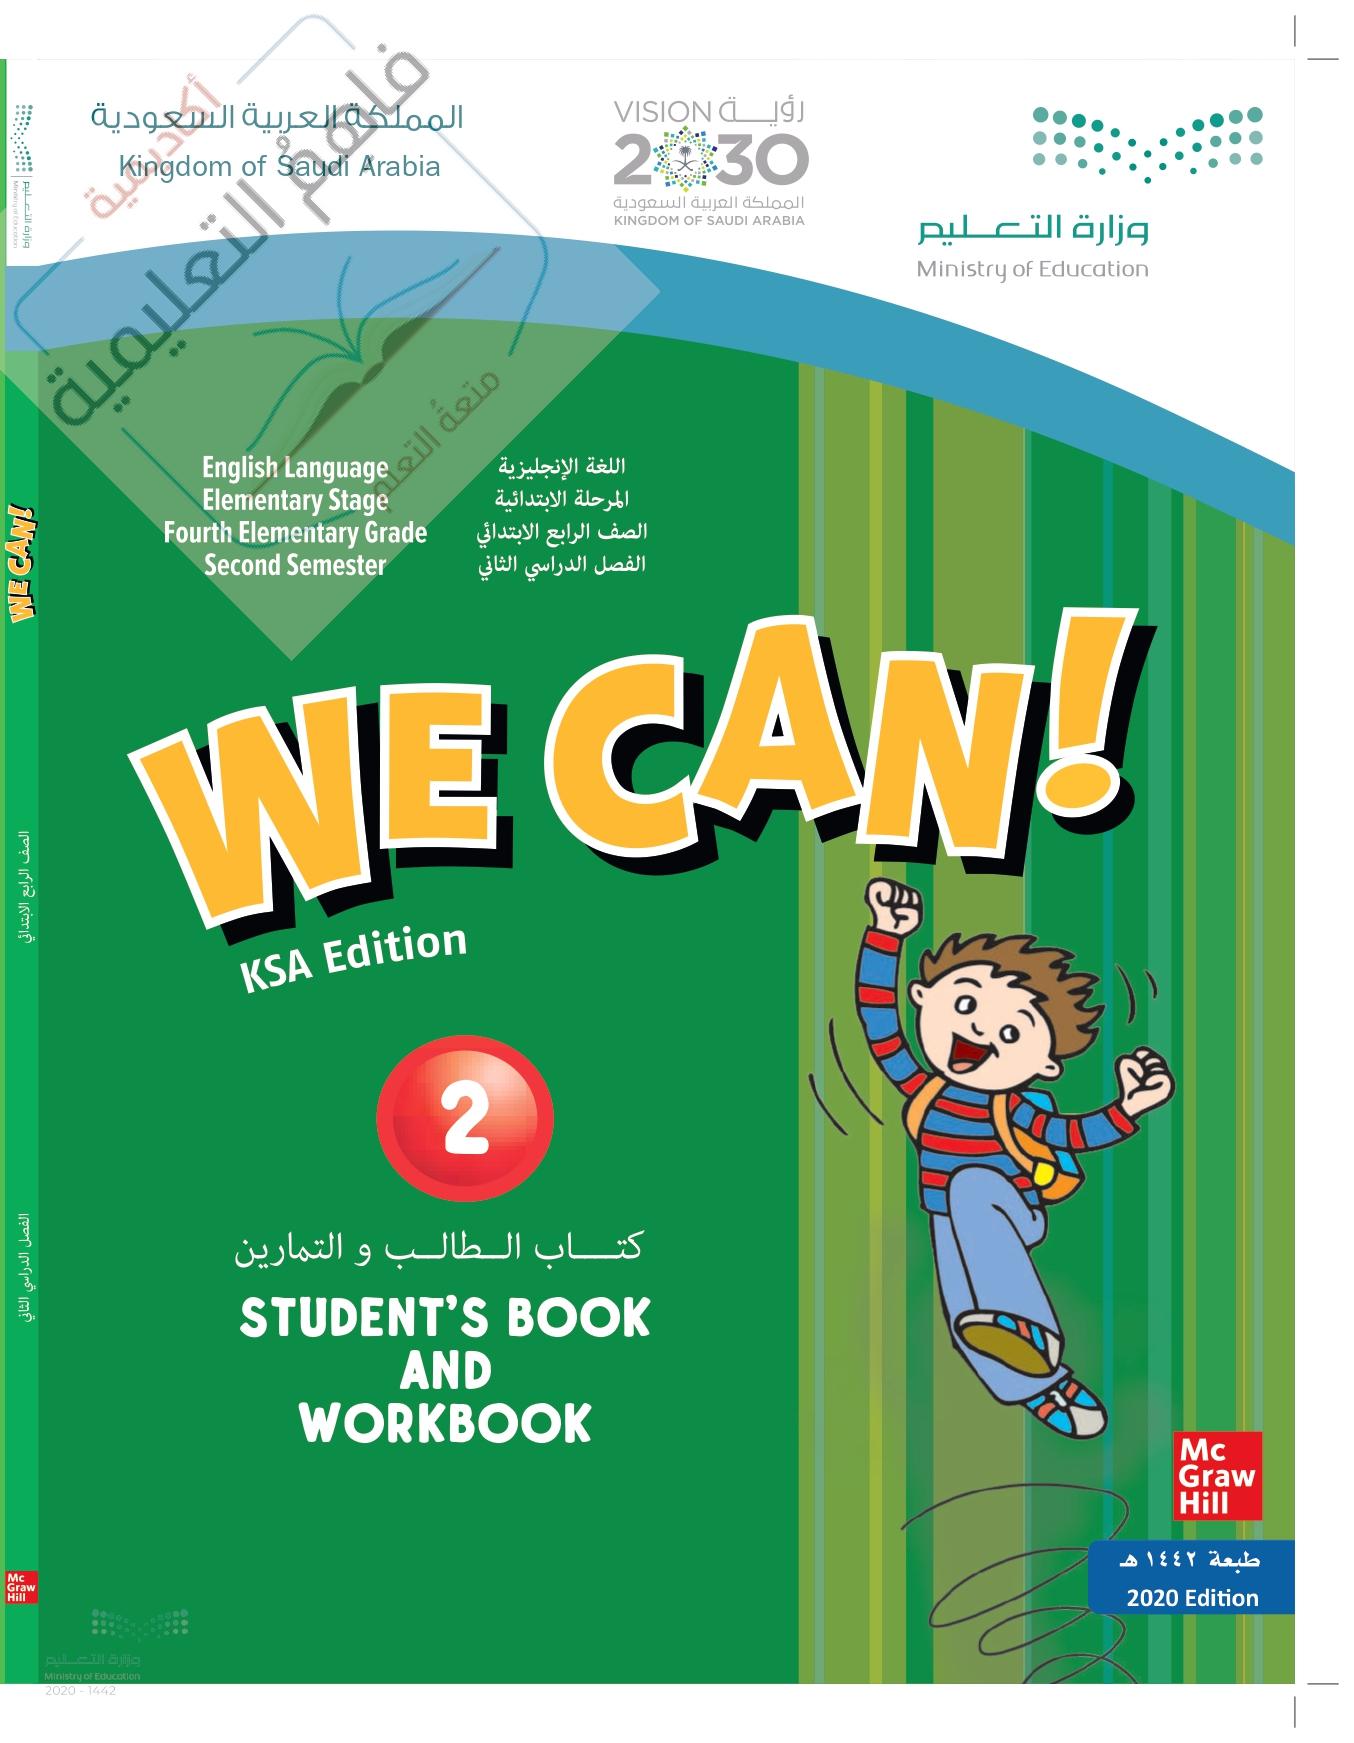 حل أسئلة الوحدة 5 – انجليزي الصف الرابع – we can 2 – صفحة 34-39